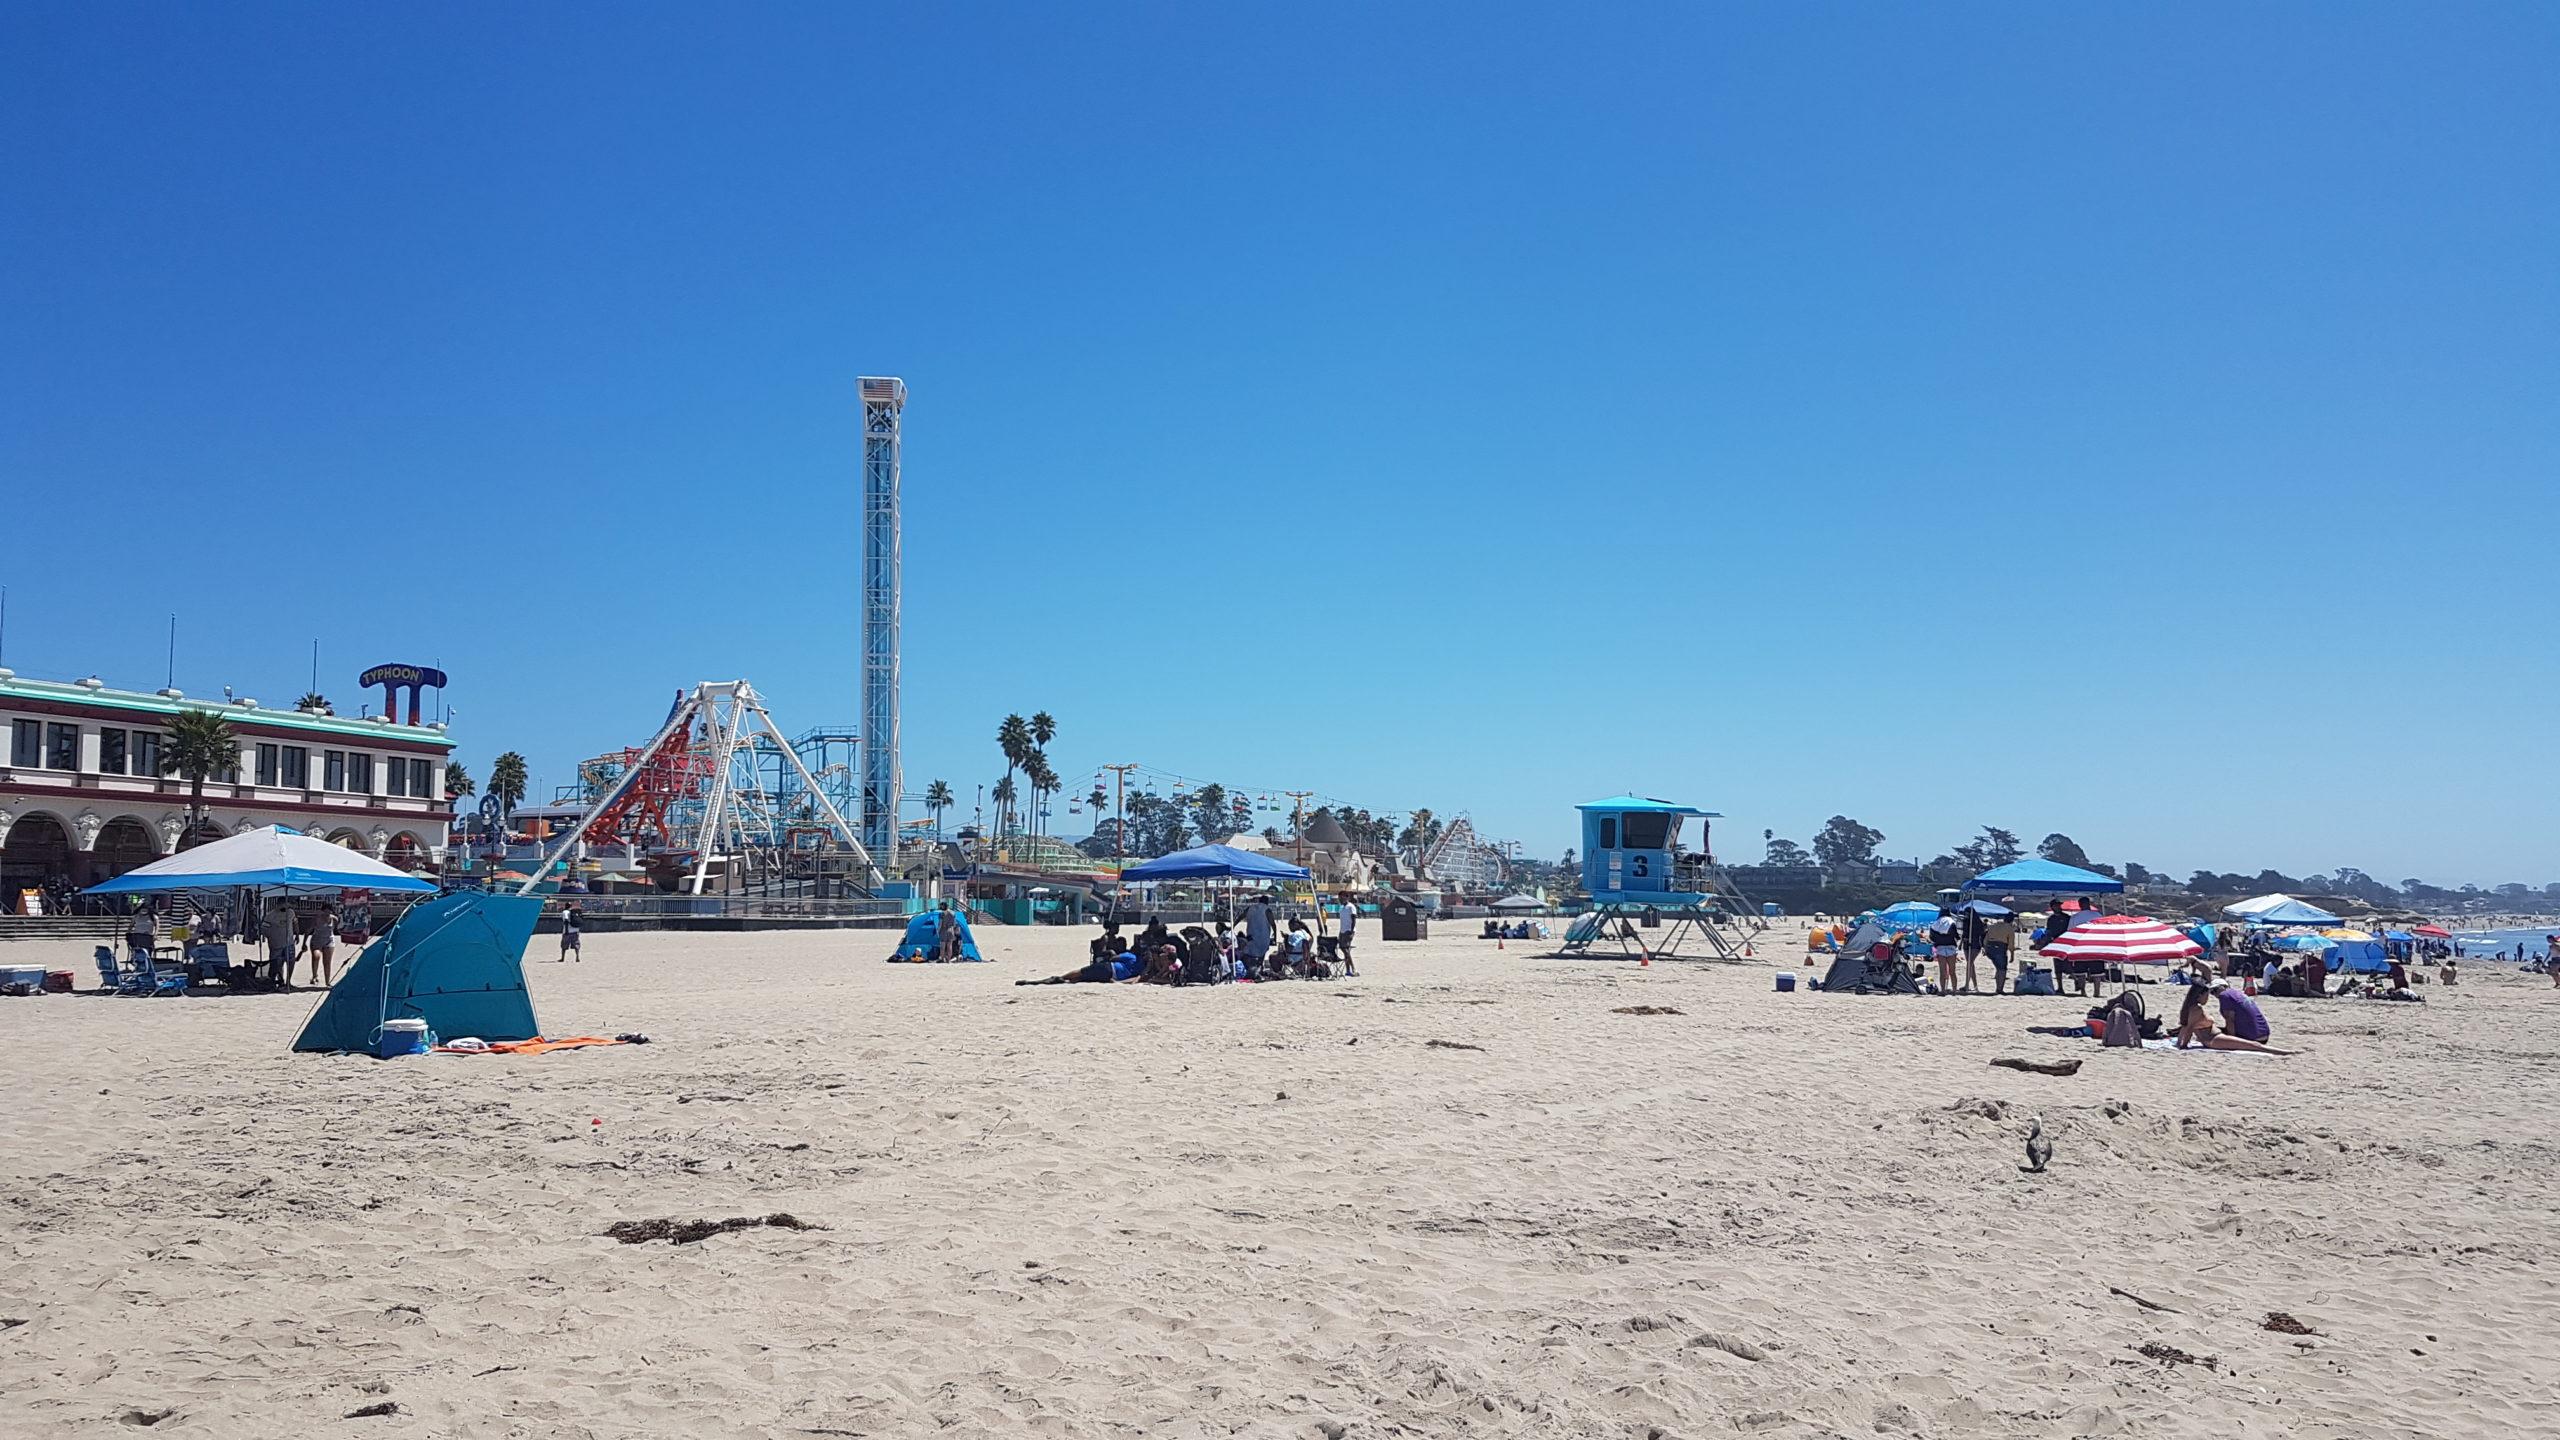 Le parc d'attraction de santa cruz vu depuis la plage.